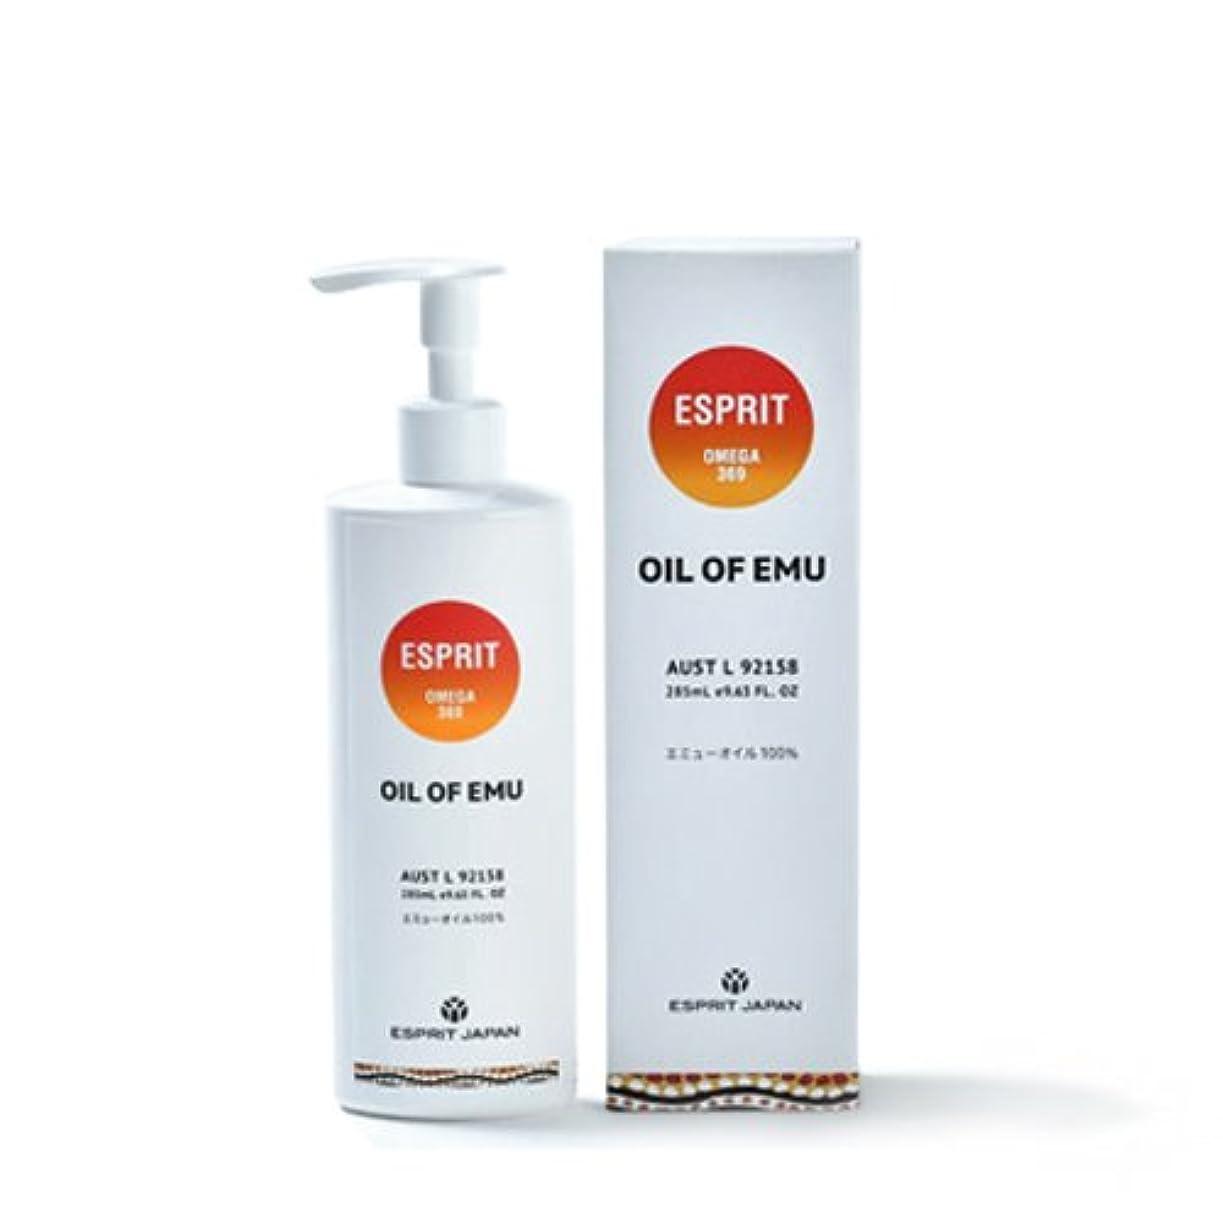 アニメーション暗いハック【OIL OF EMU】【285ml】【エミューマッサージオイル】【エミューオイル】EMU SPIRIT製 オイル?オブ?エミュー 285ml OIL of EMU (エミューオイル 100%) Sサイズ